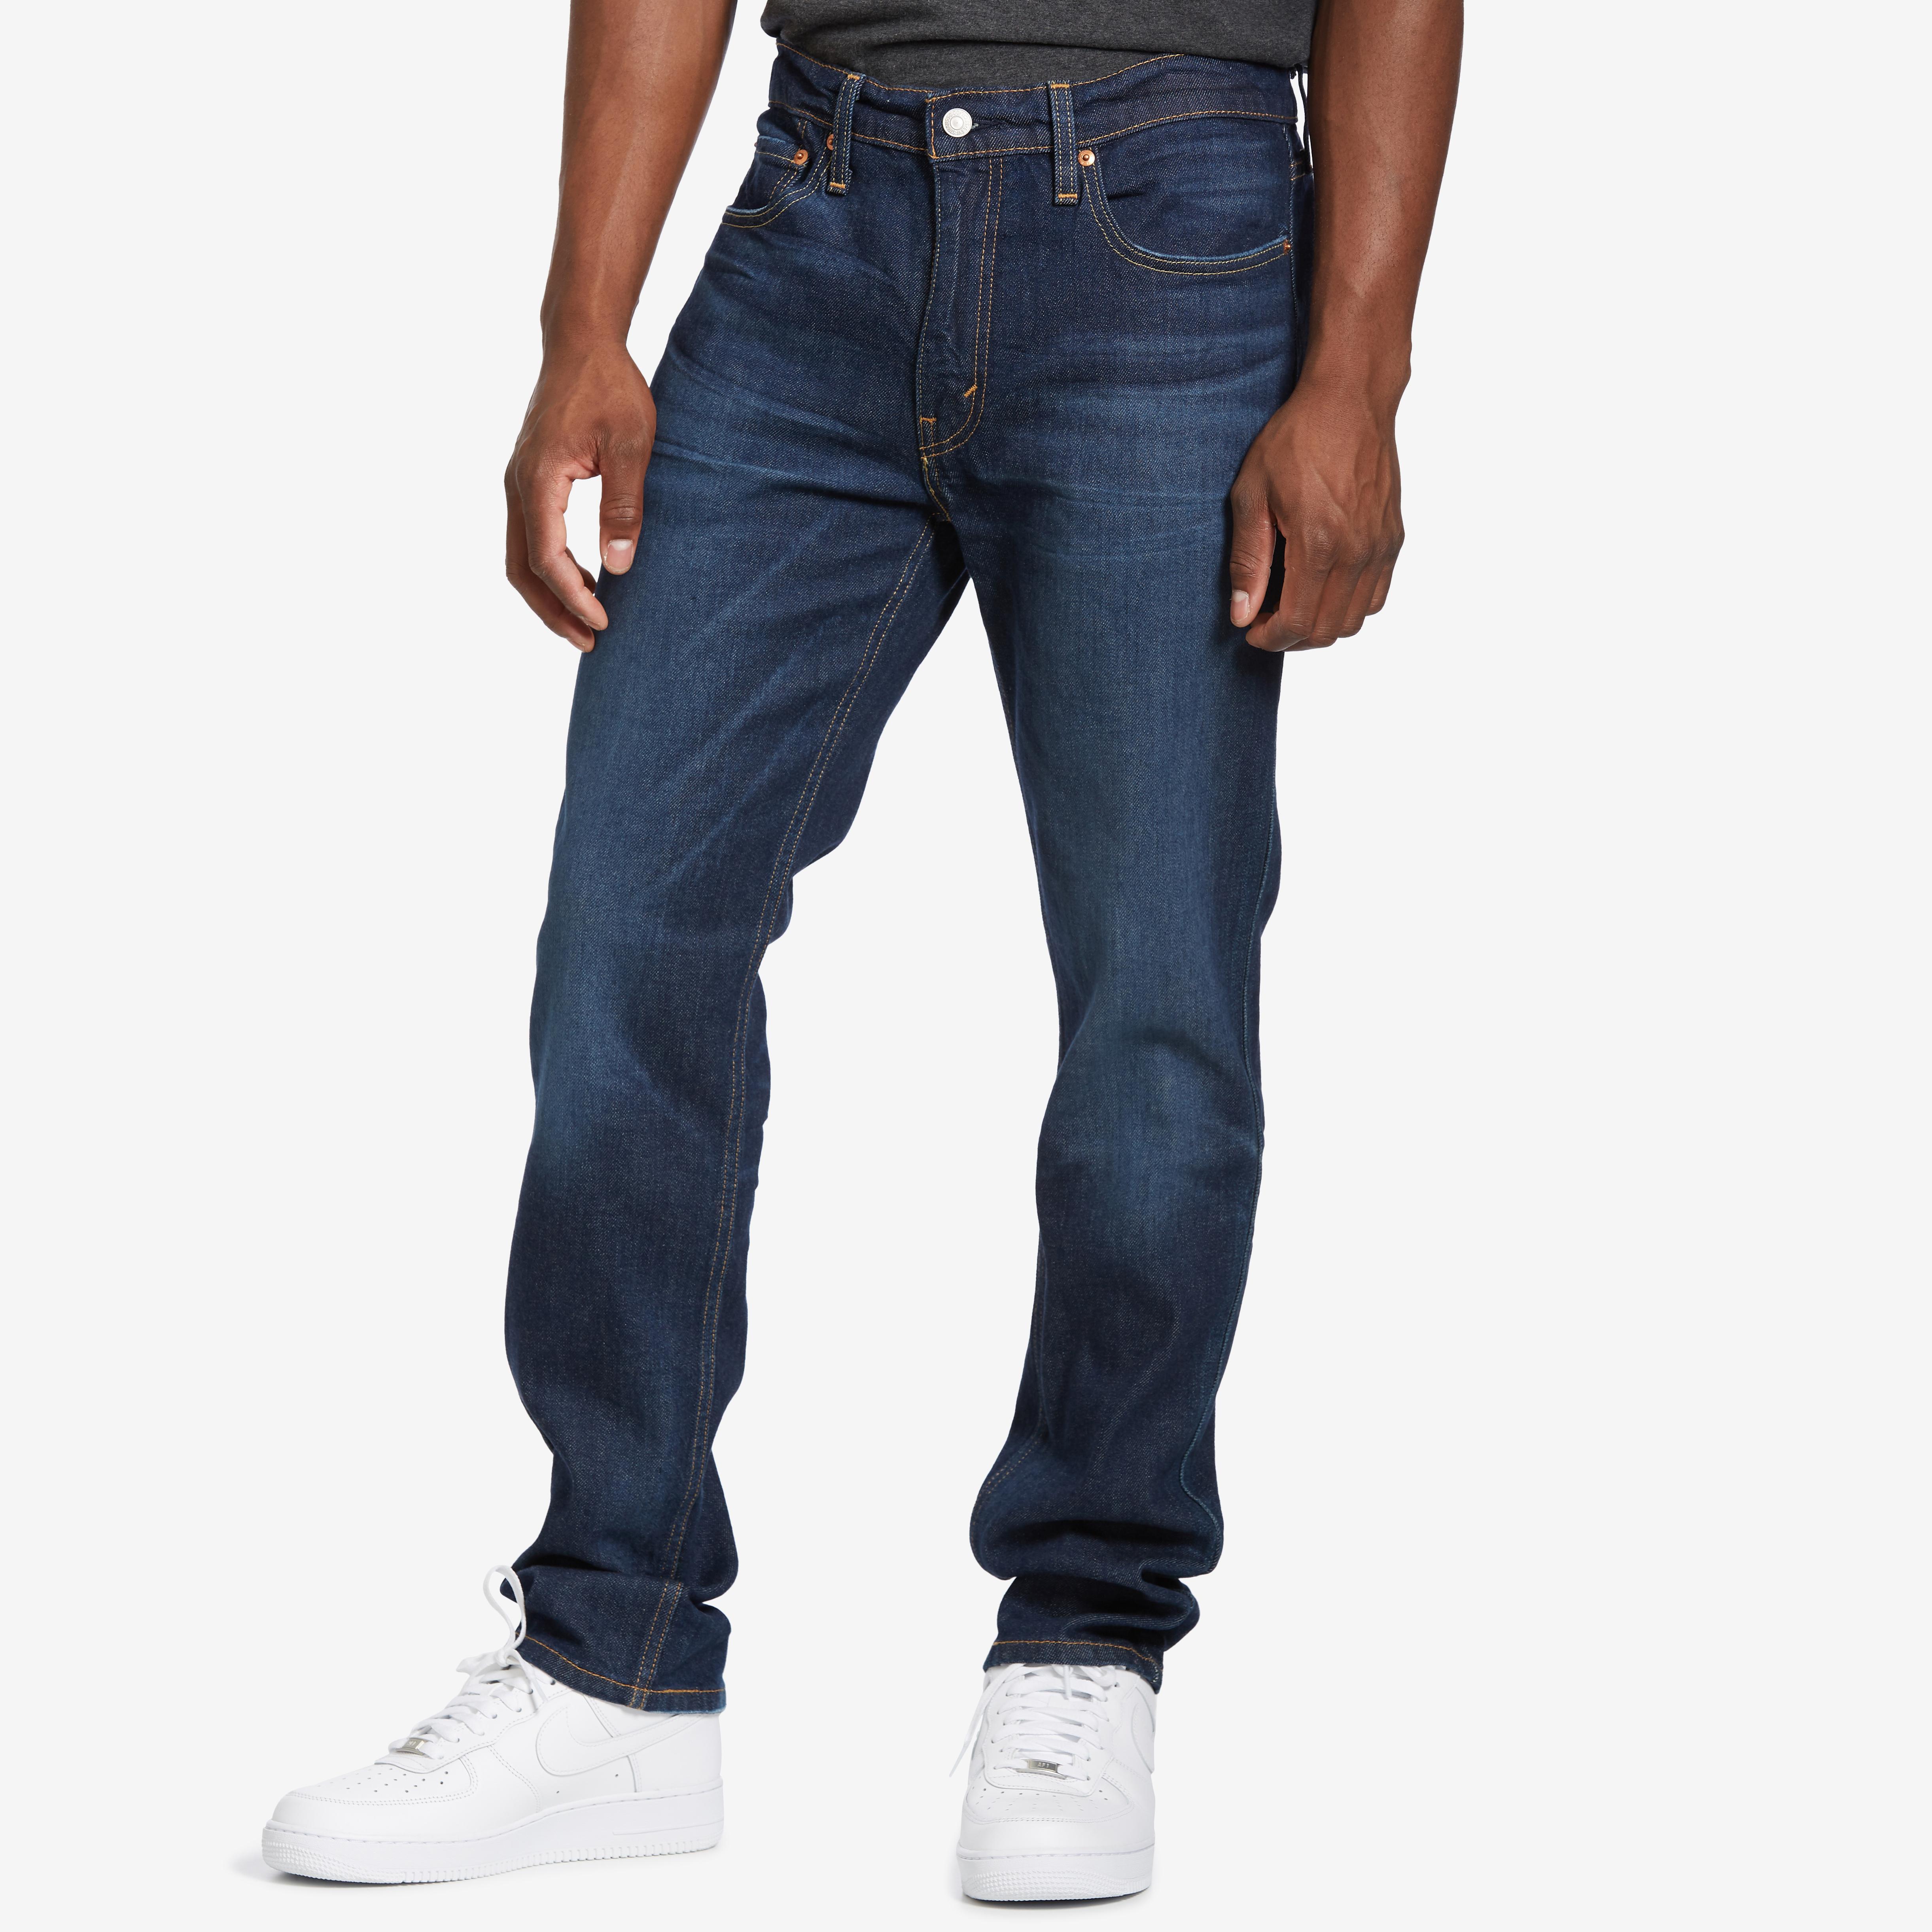 92222ff4 EbLens | Levis 511 Slim Fit Jeans